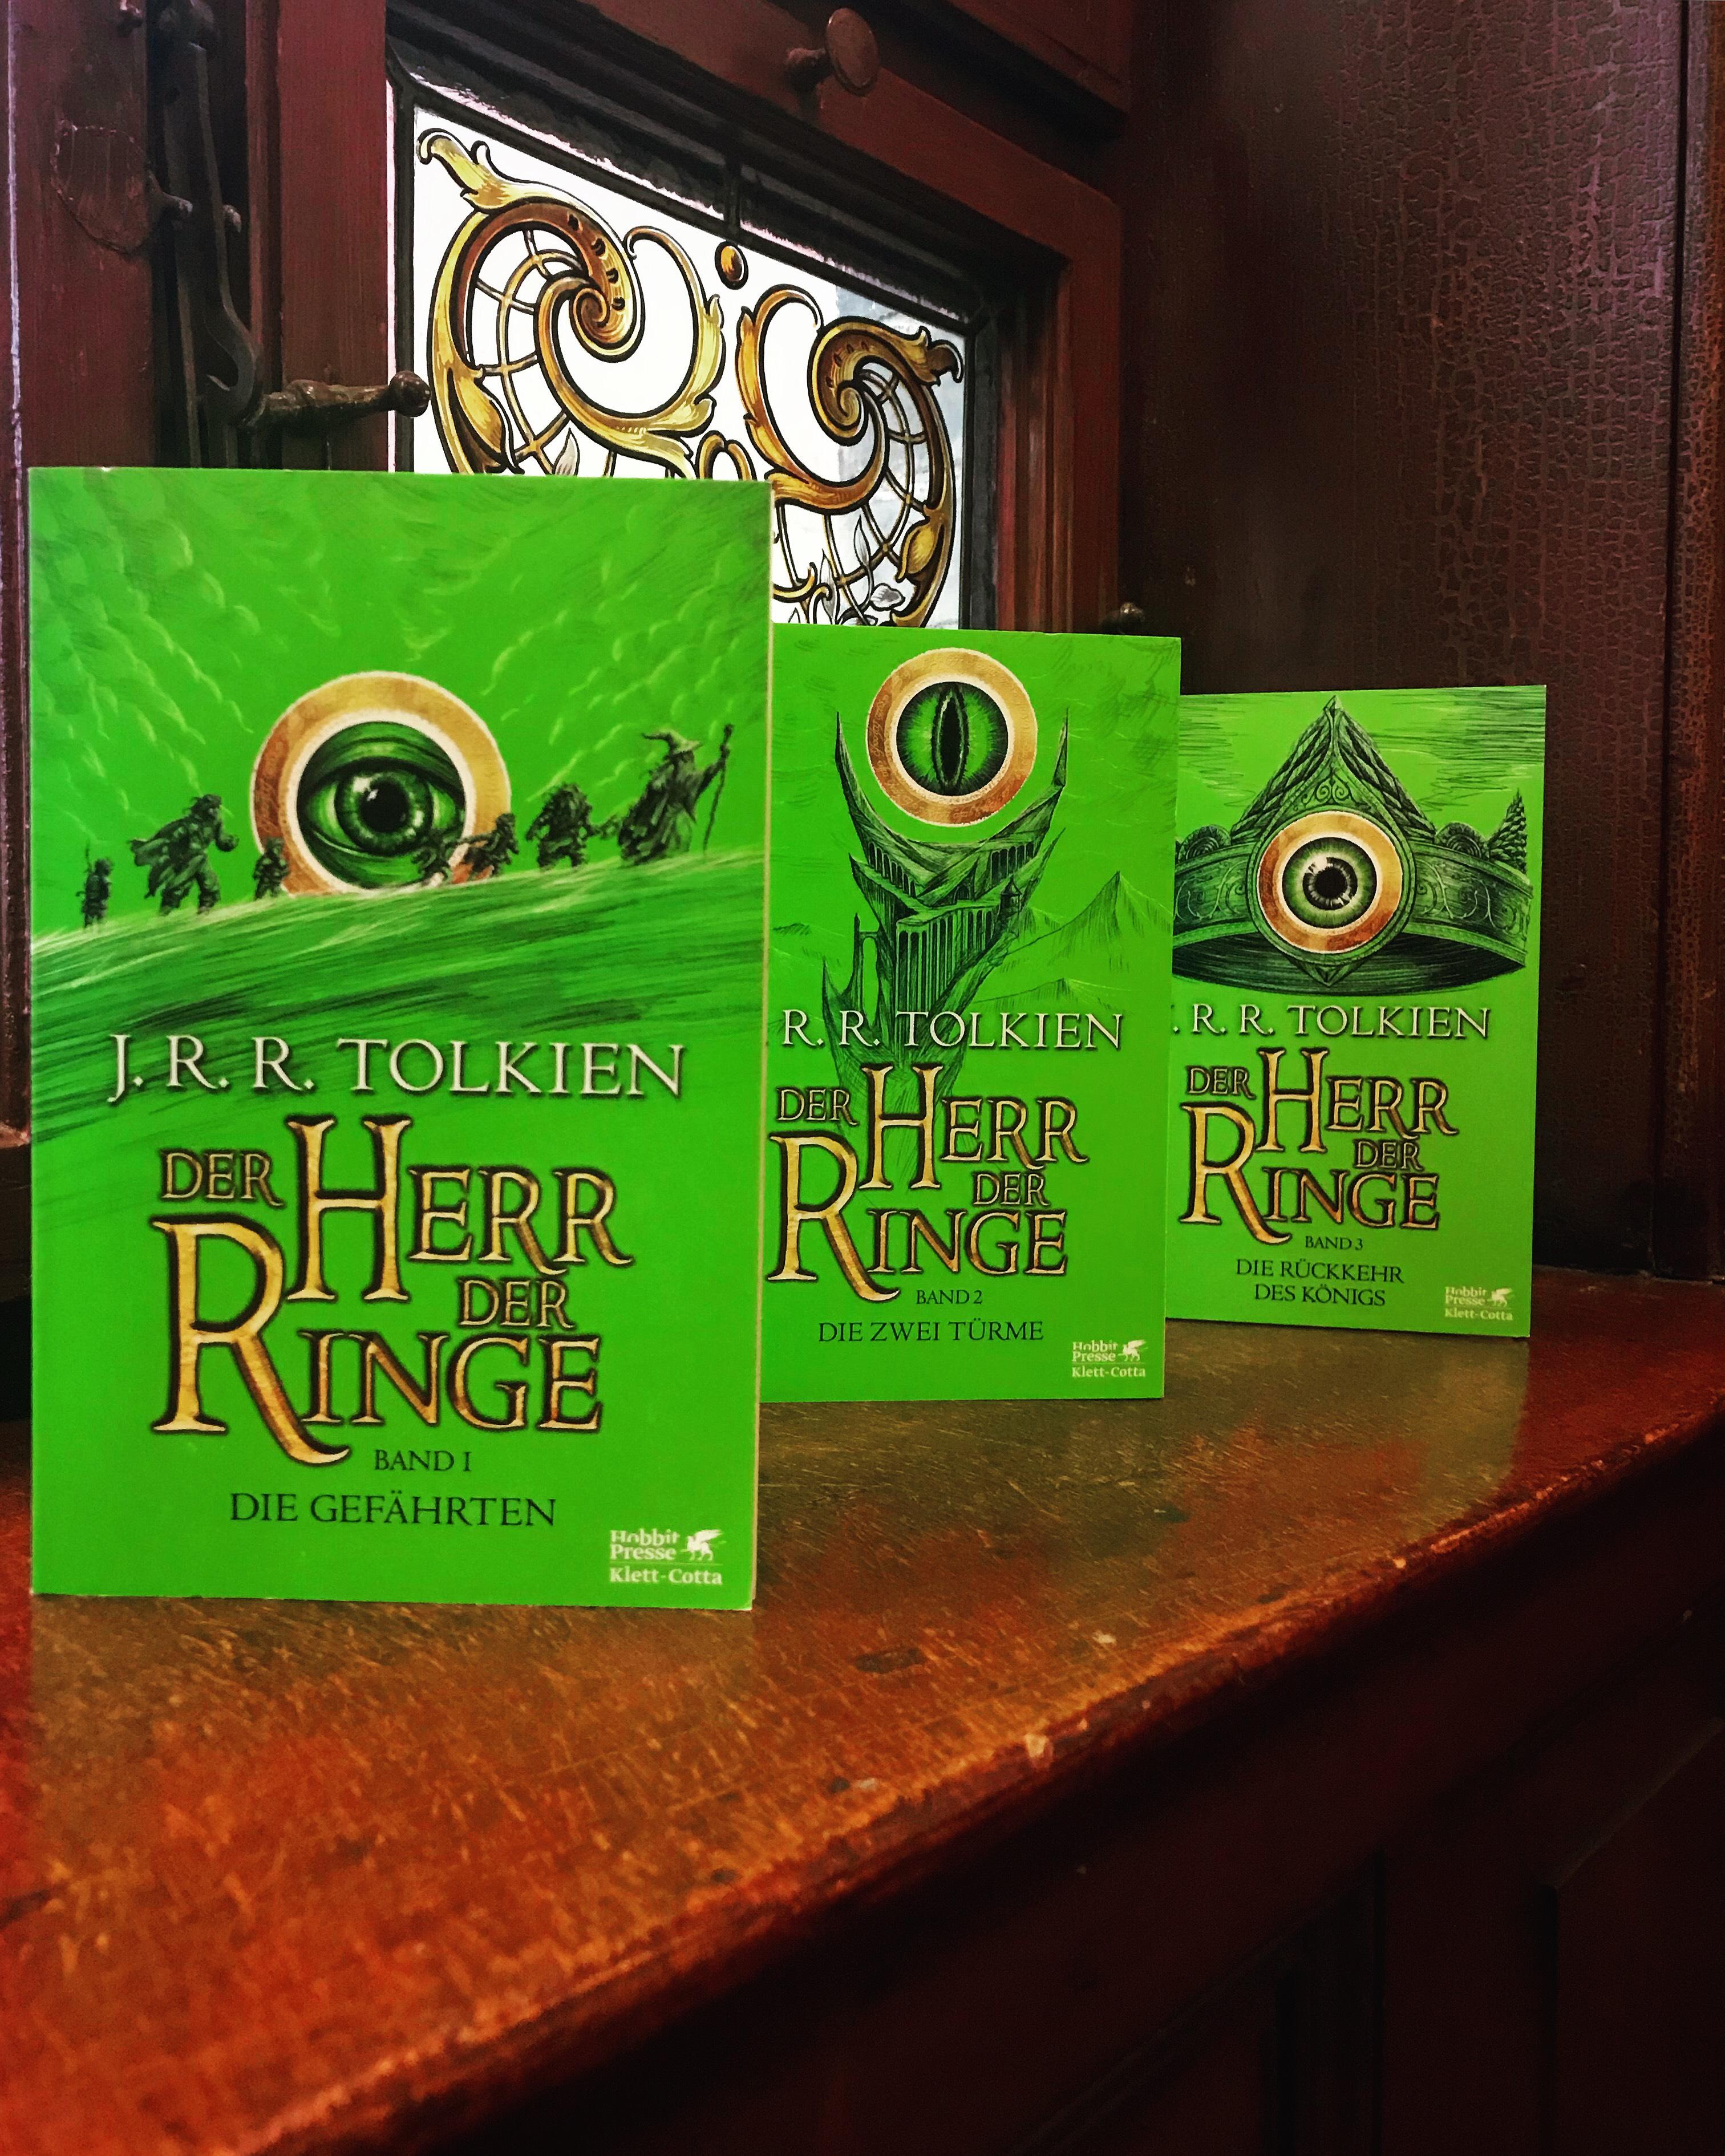 Der Herr der Ringe – Drei Übersetzungen aus der Sicht eines langjährigen Fans